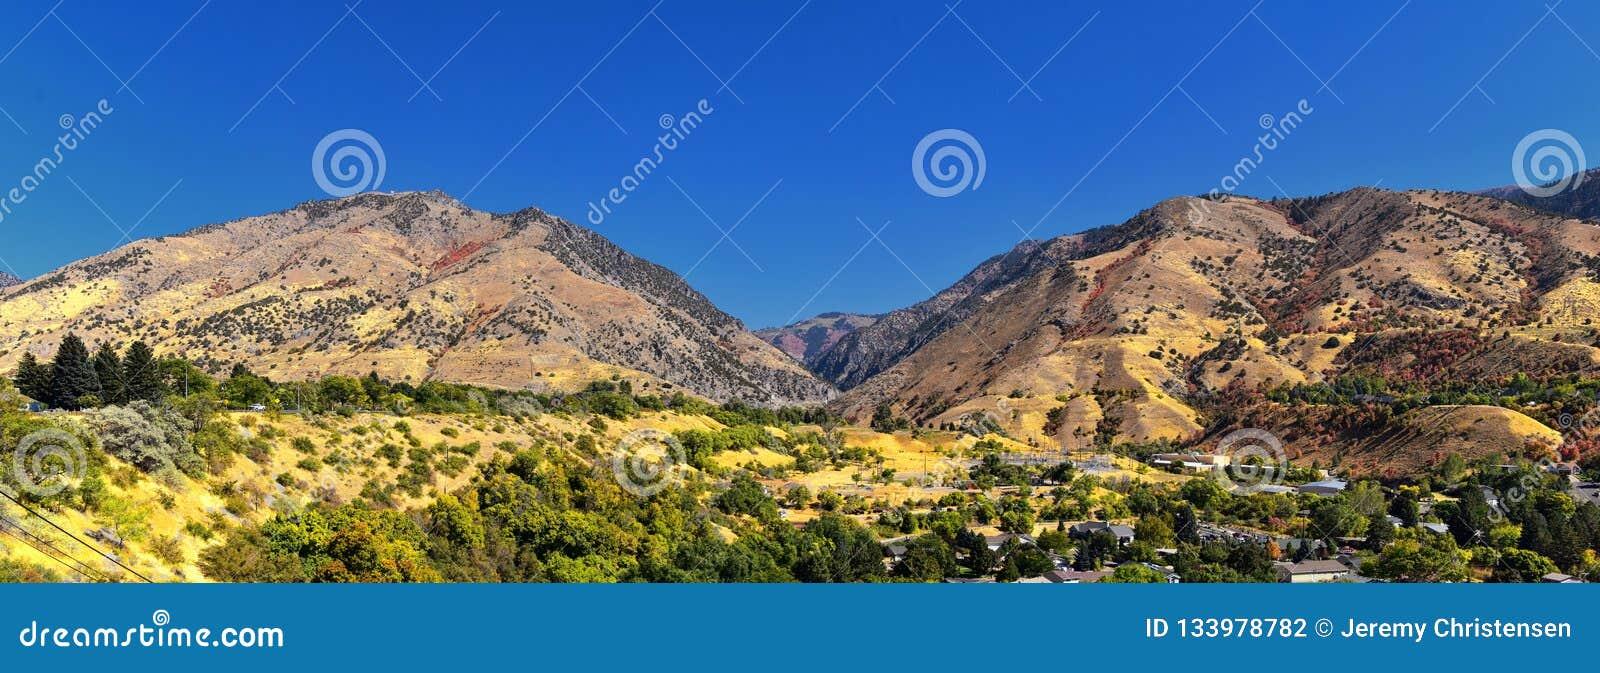 Logan Valley landskapsikter inklusive den Wellsville berg, Nibley, Hyrum, försyn och högskolan avvärjer städer, hem av den Utah s